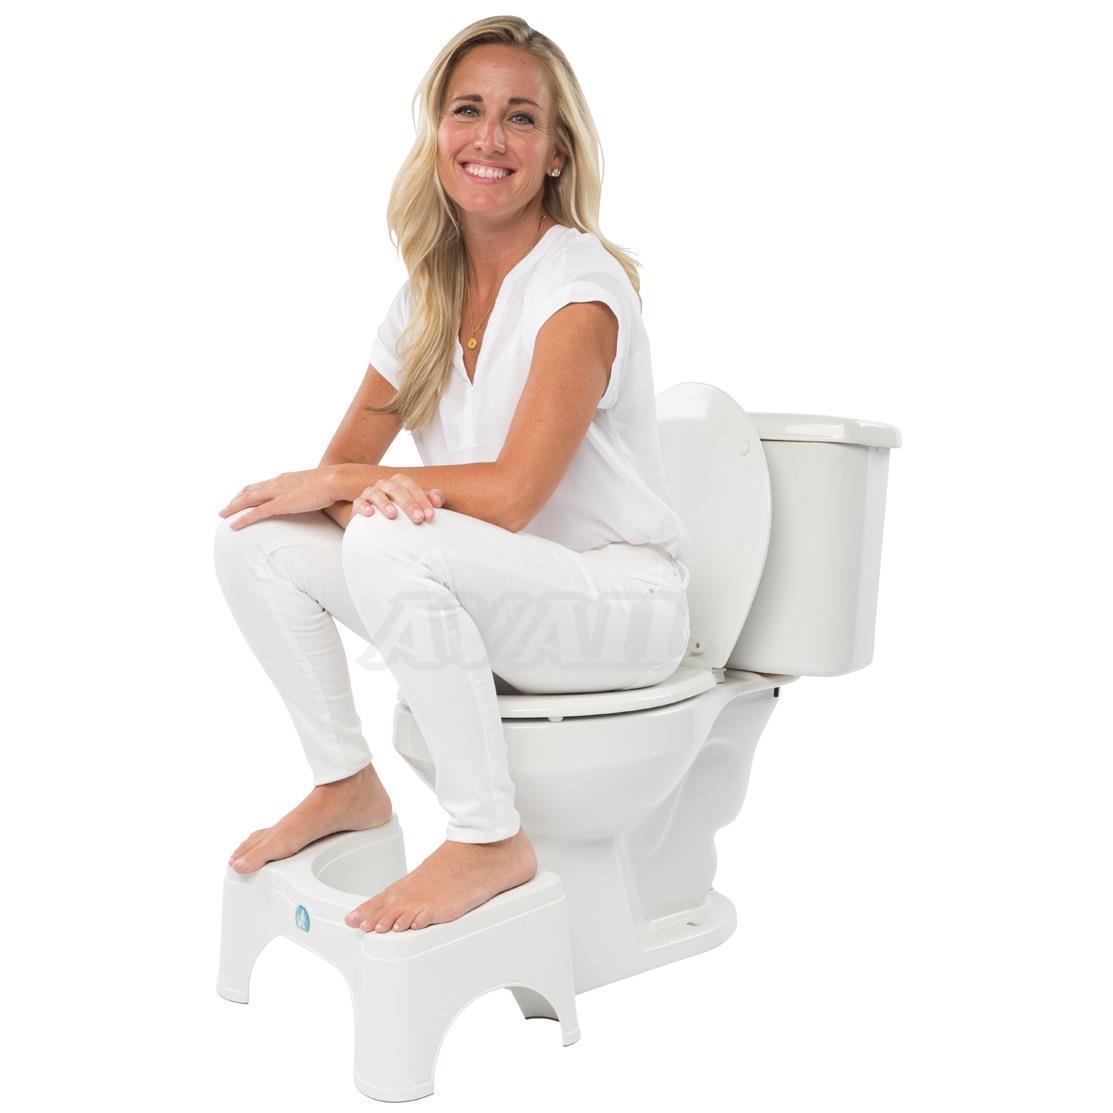 【楽天市場】スクワティポティー 洋式トイレ用 足置き台 Squattypotty トイレ 踏み台 ステップ スツール